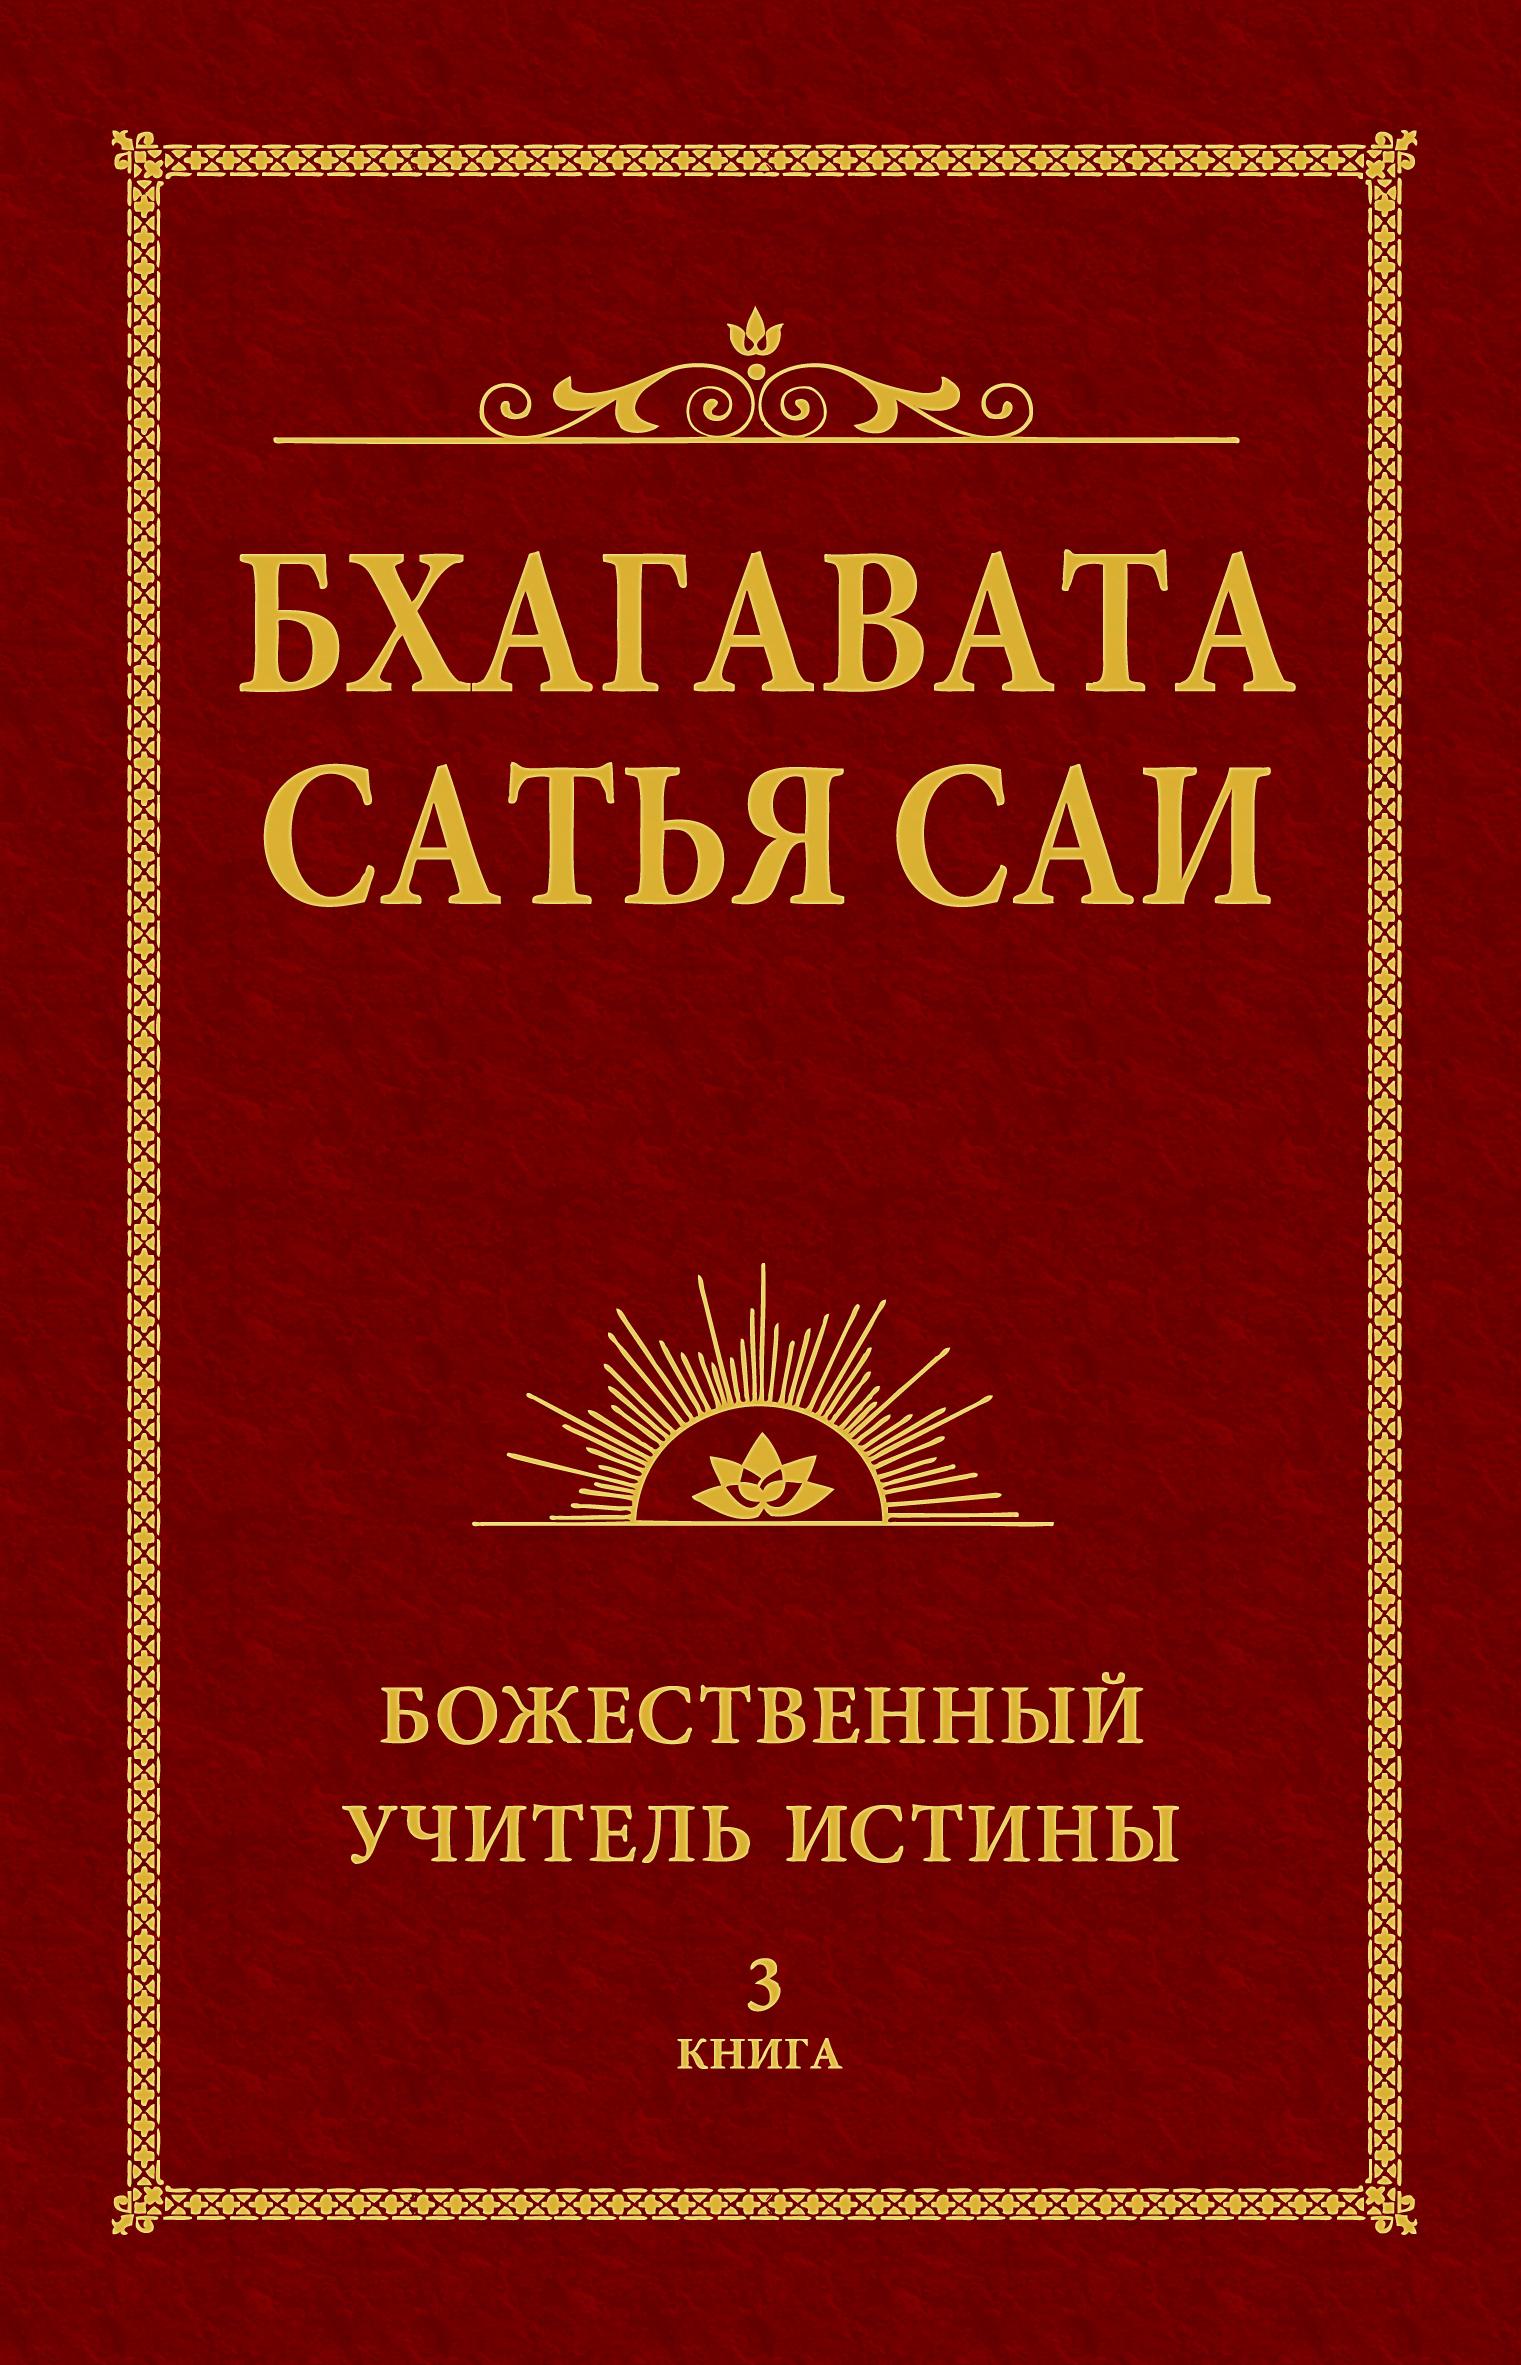 Бхагавата Сатья Саи. Божественный Учитель Истины. Книга 3